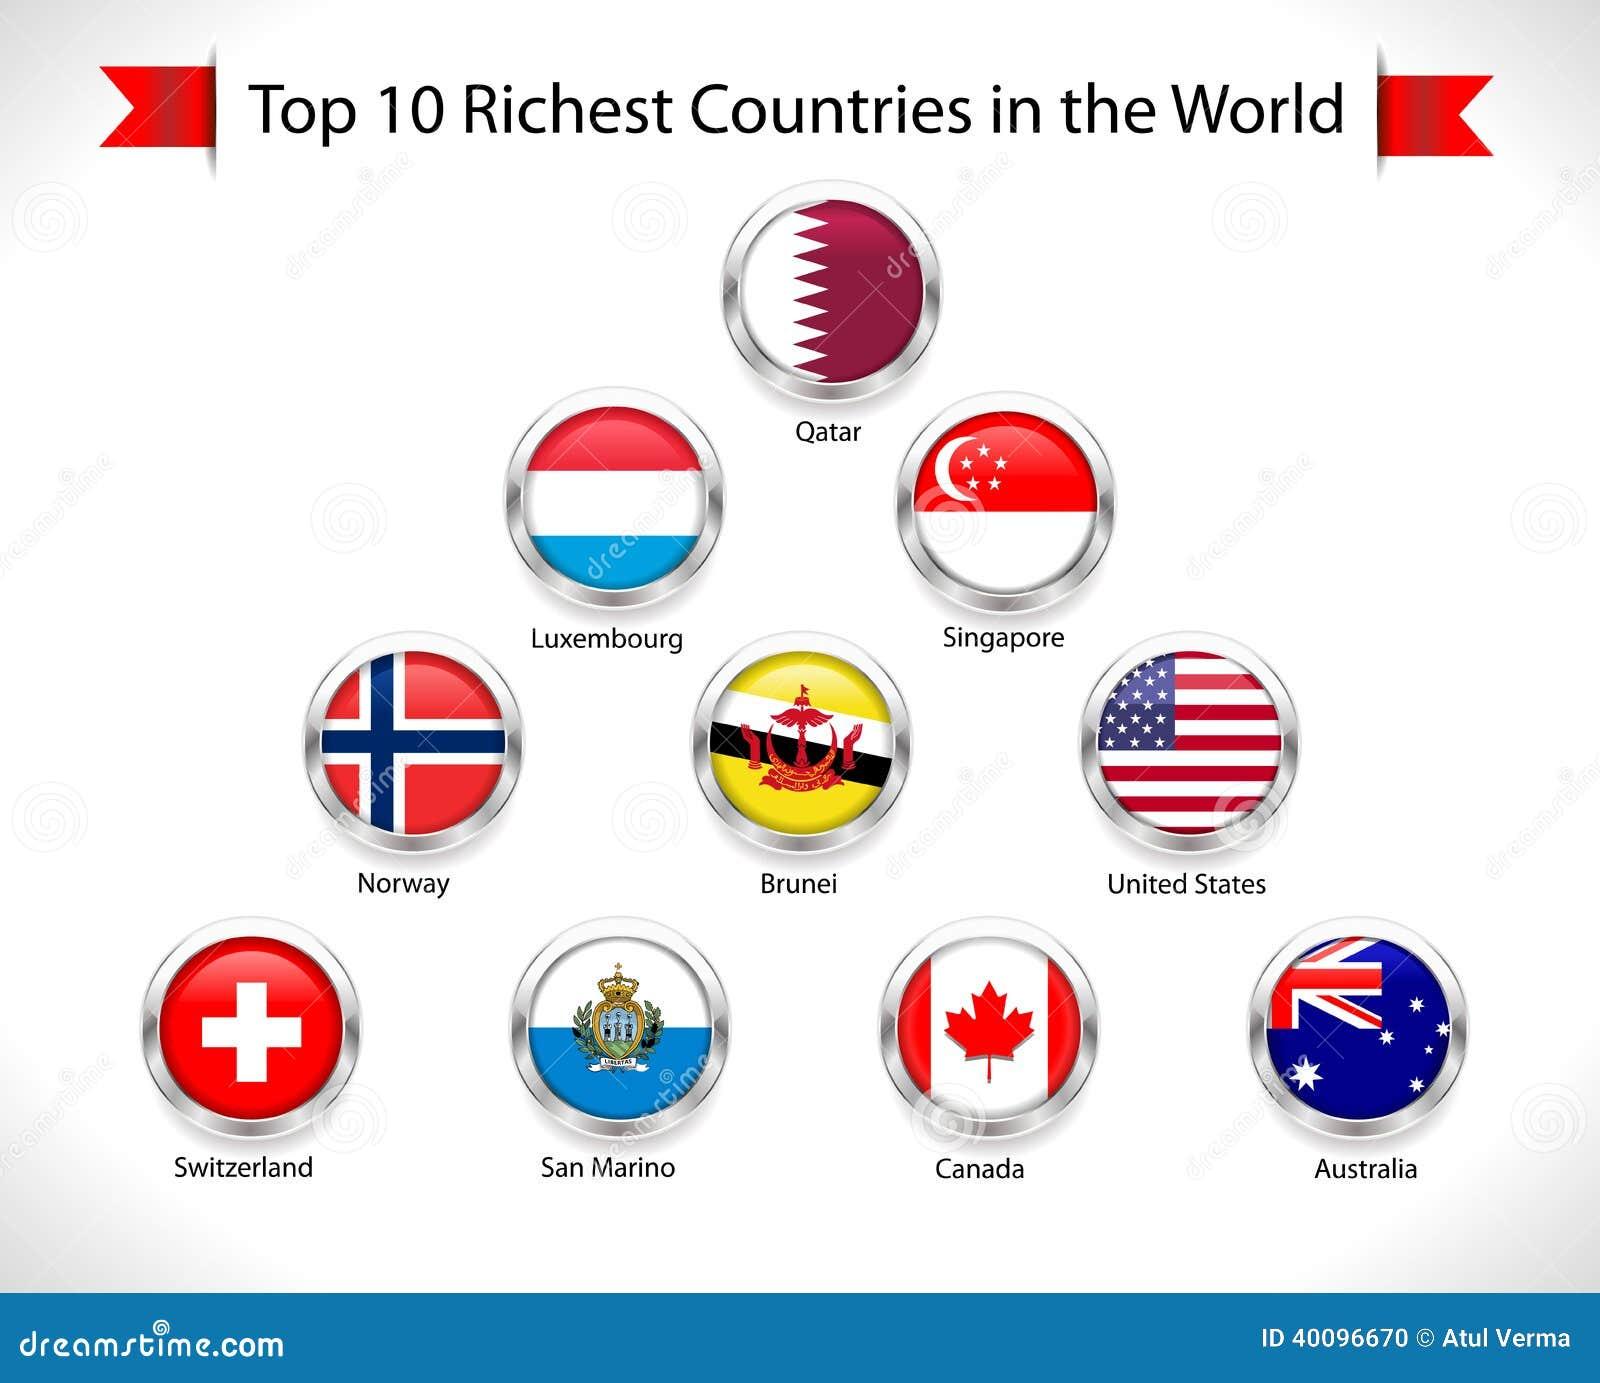 Les Pays Les Plus Riches De Top Ten Au Monde Qatar Luxembourg